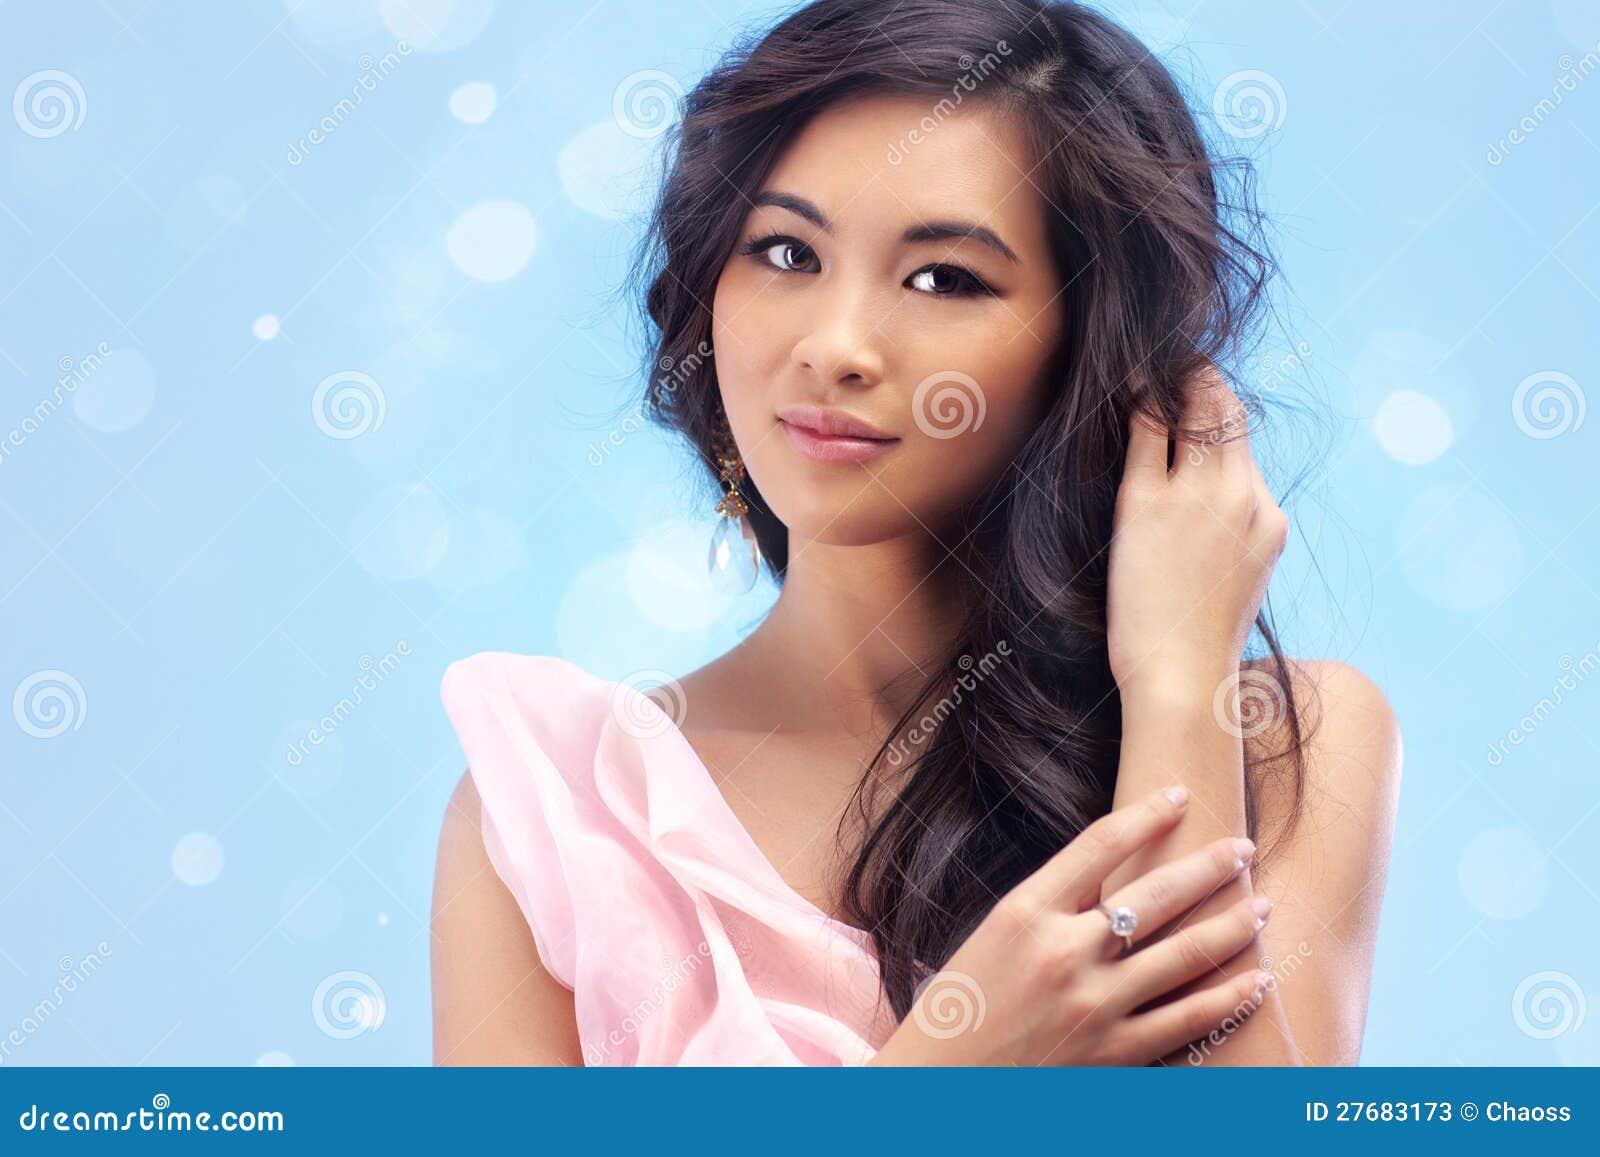 Of women pictures vietnamese Beautiful Vietnamese